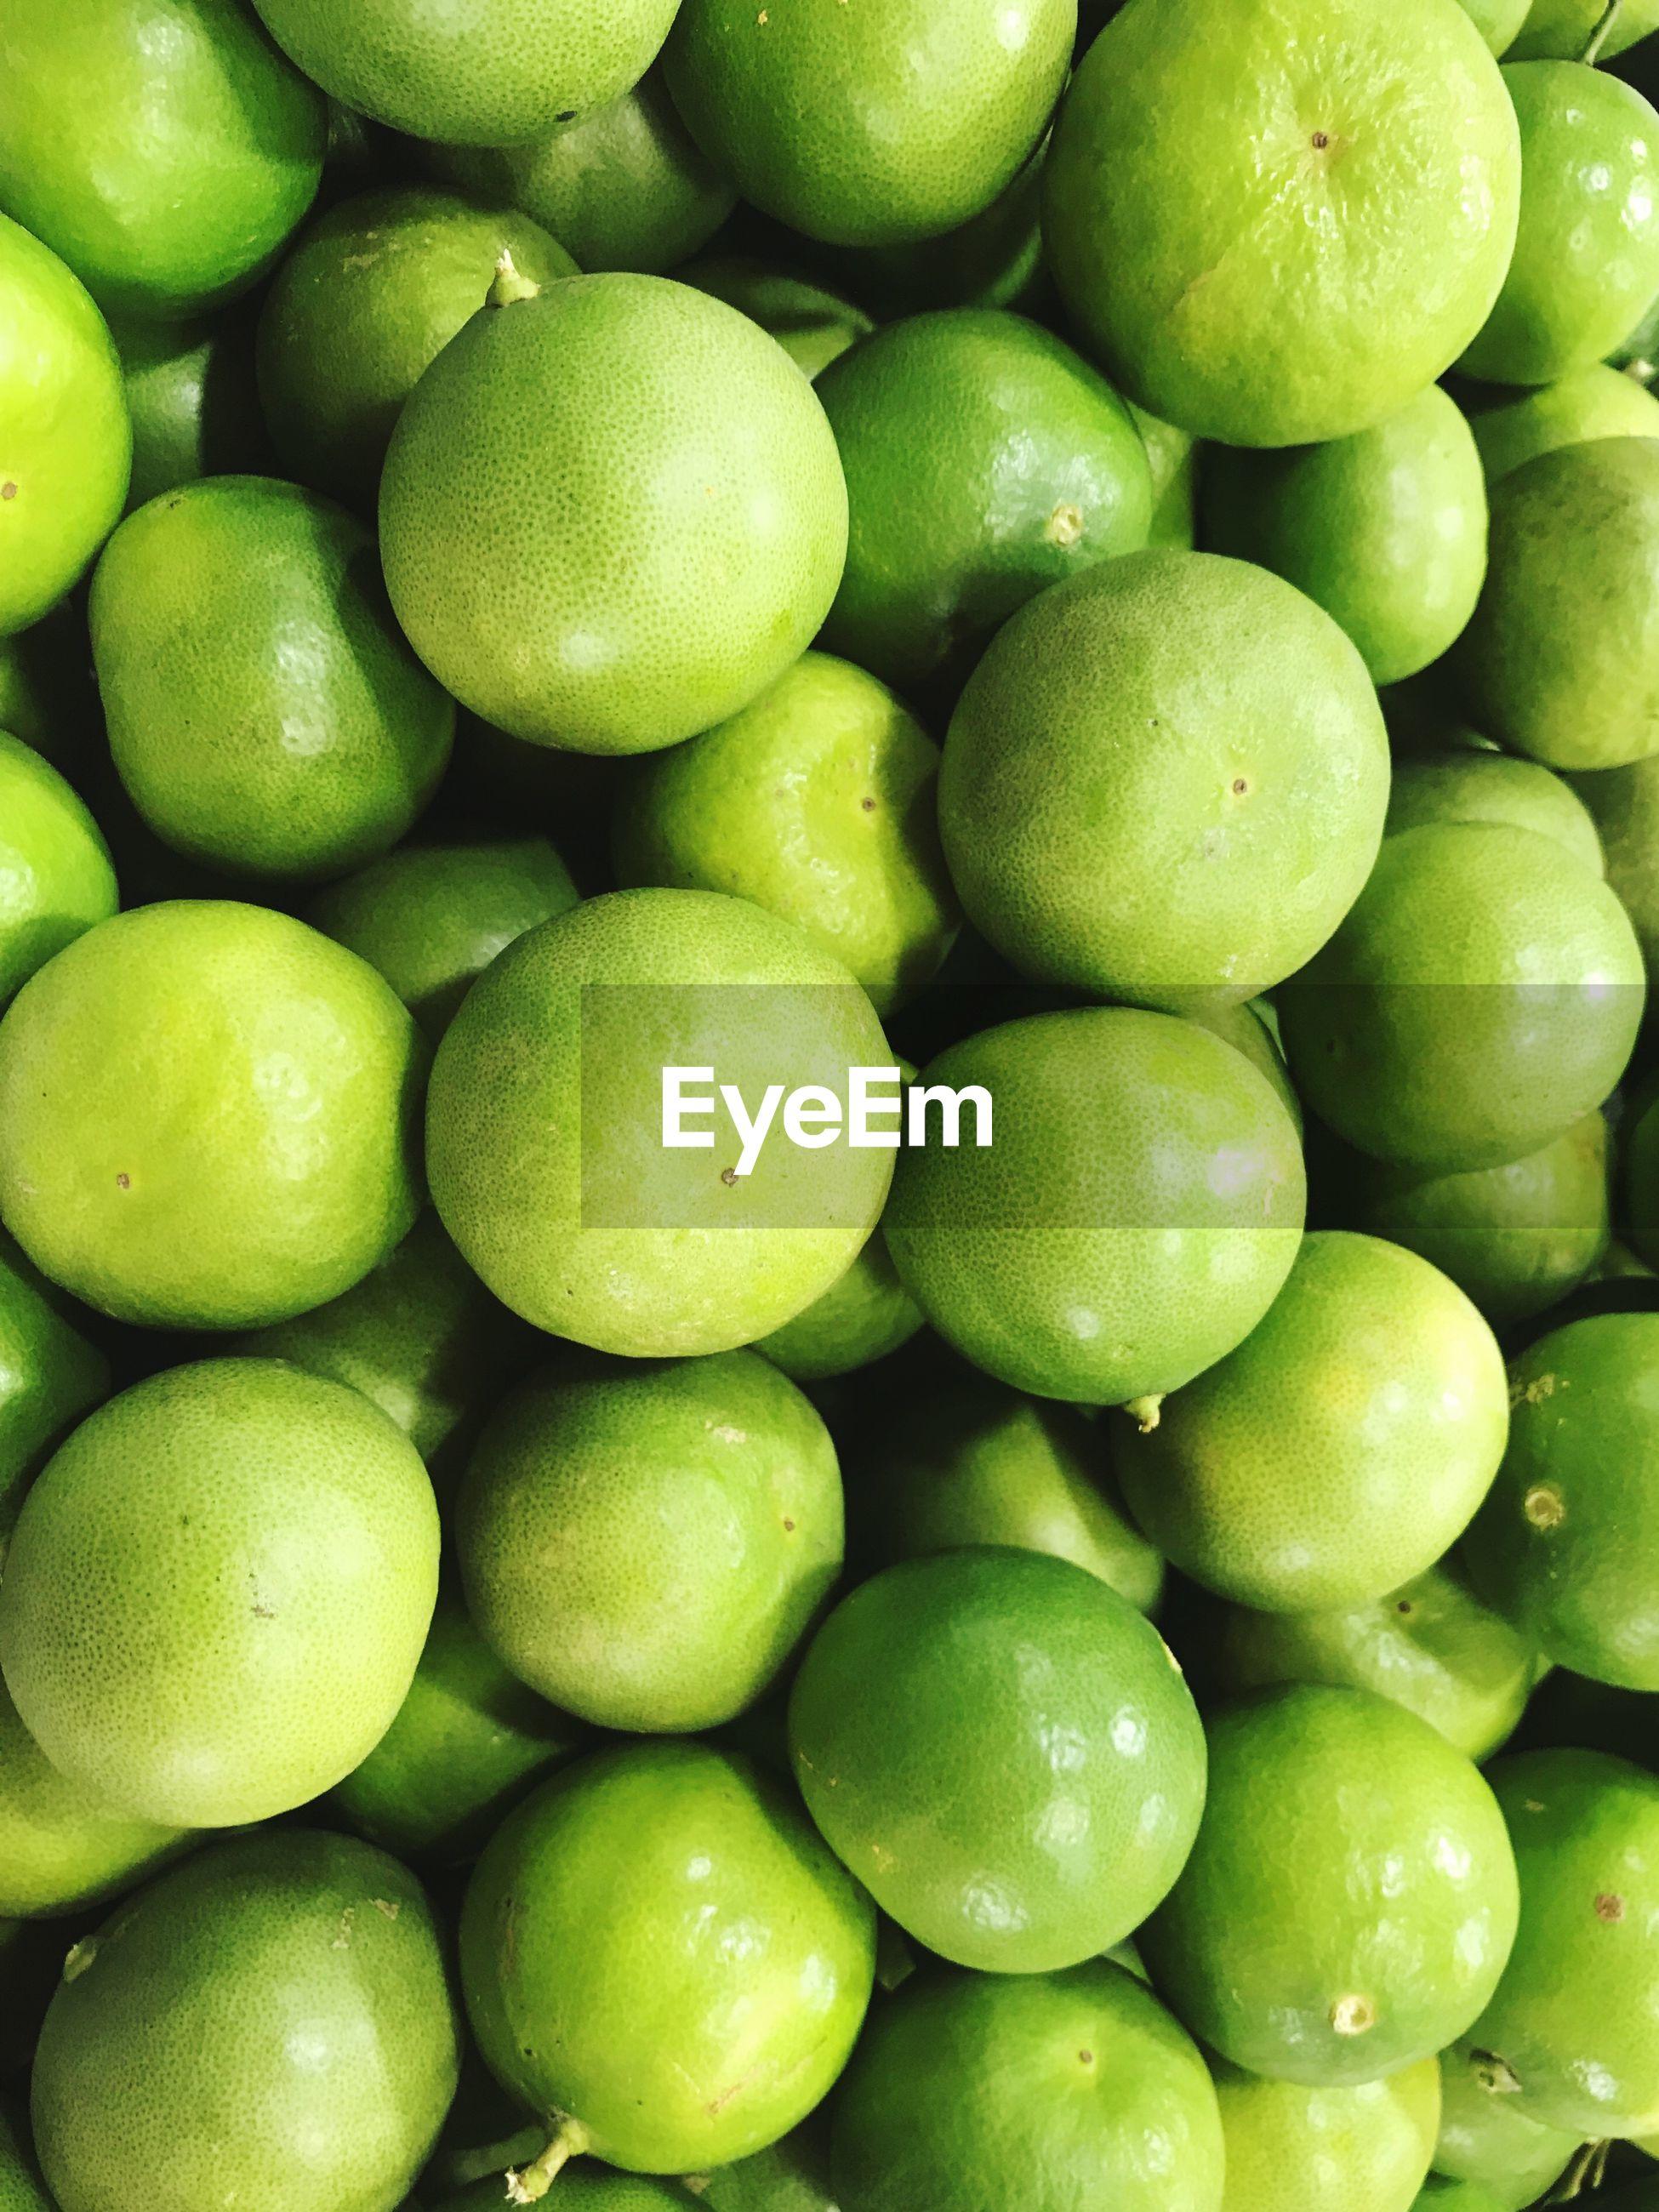 FULL FRAME SHOT OF GREEN LEMONS